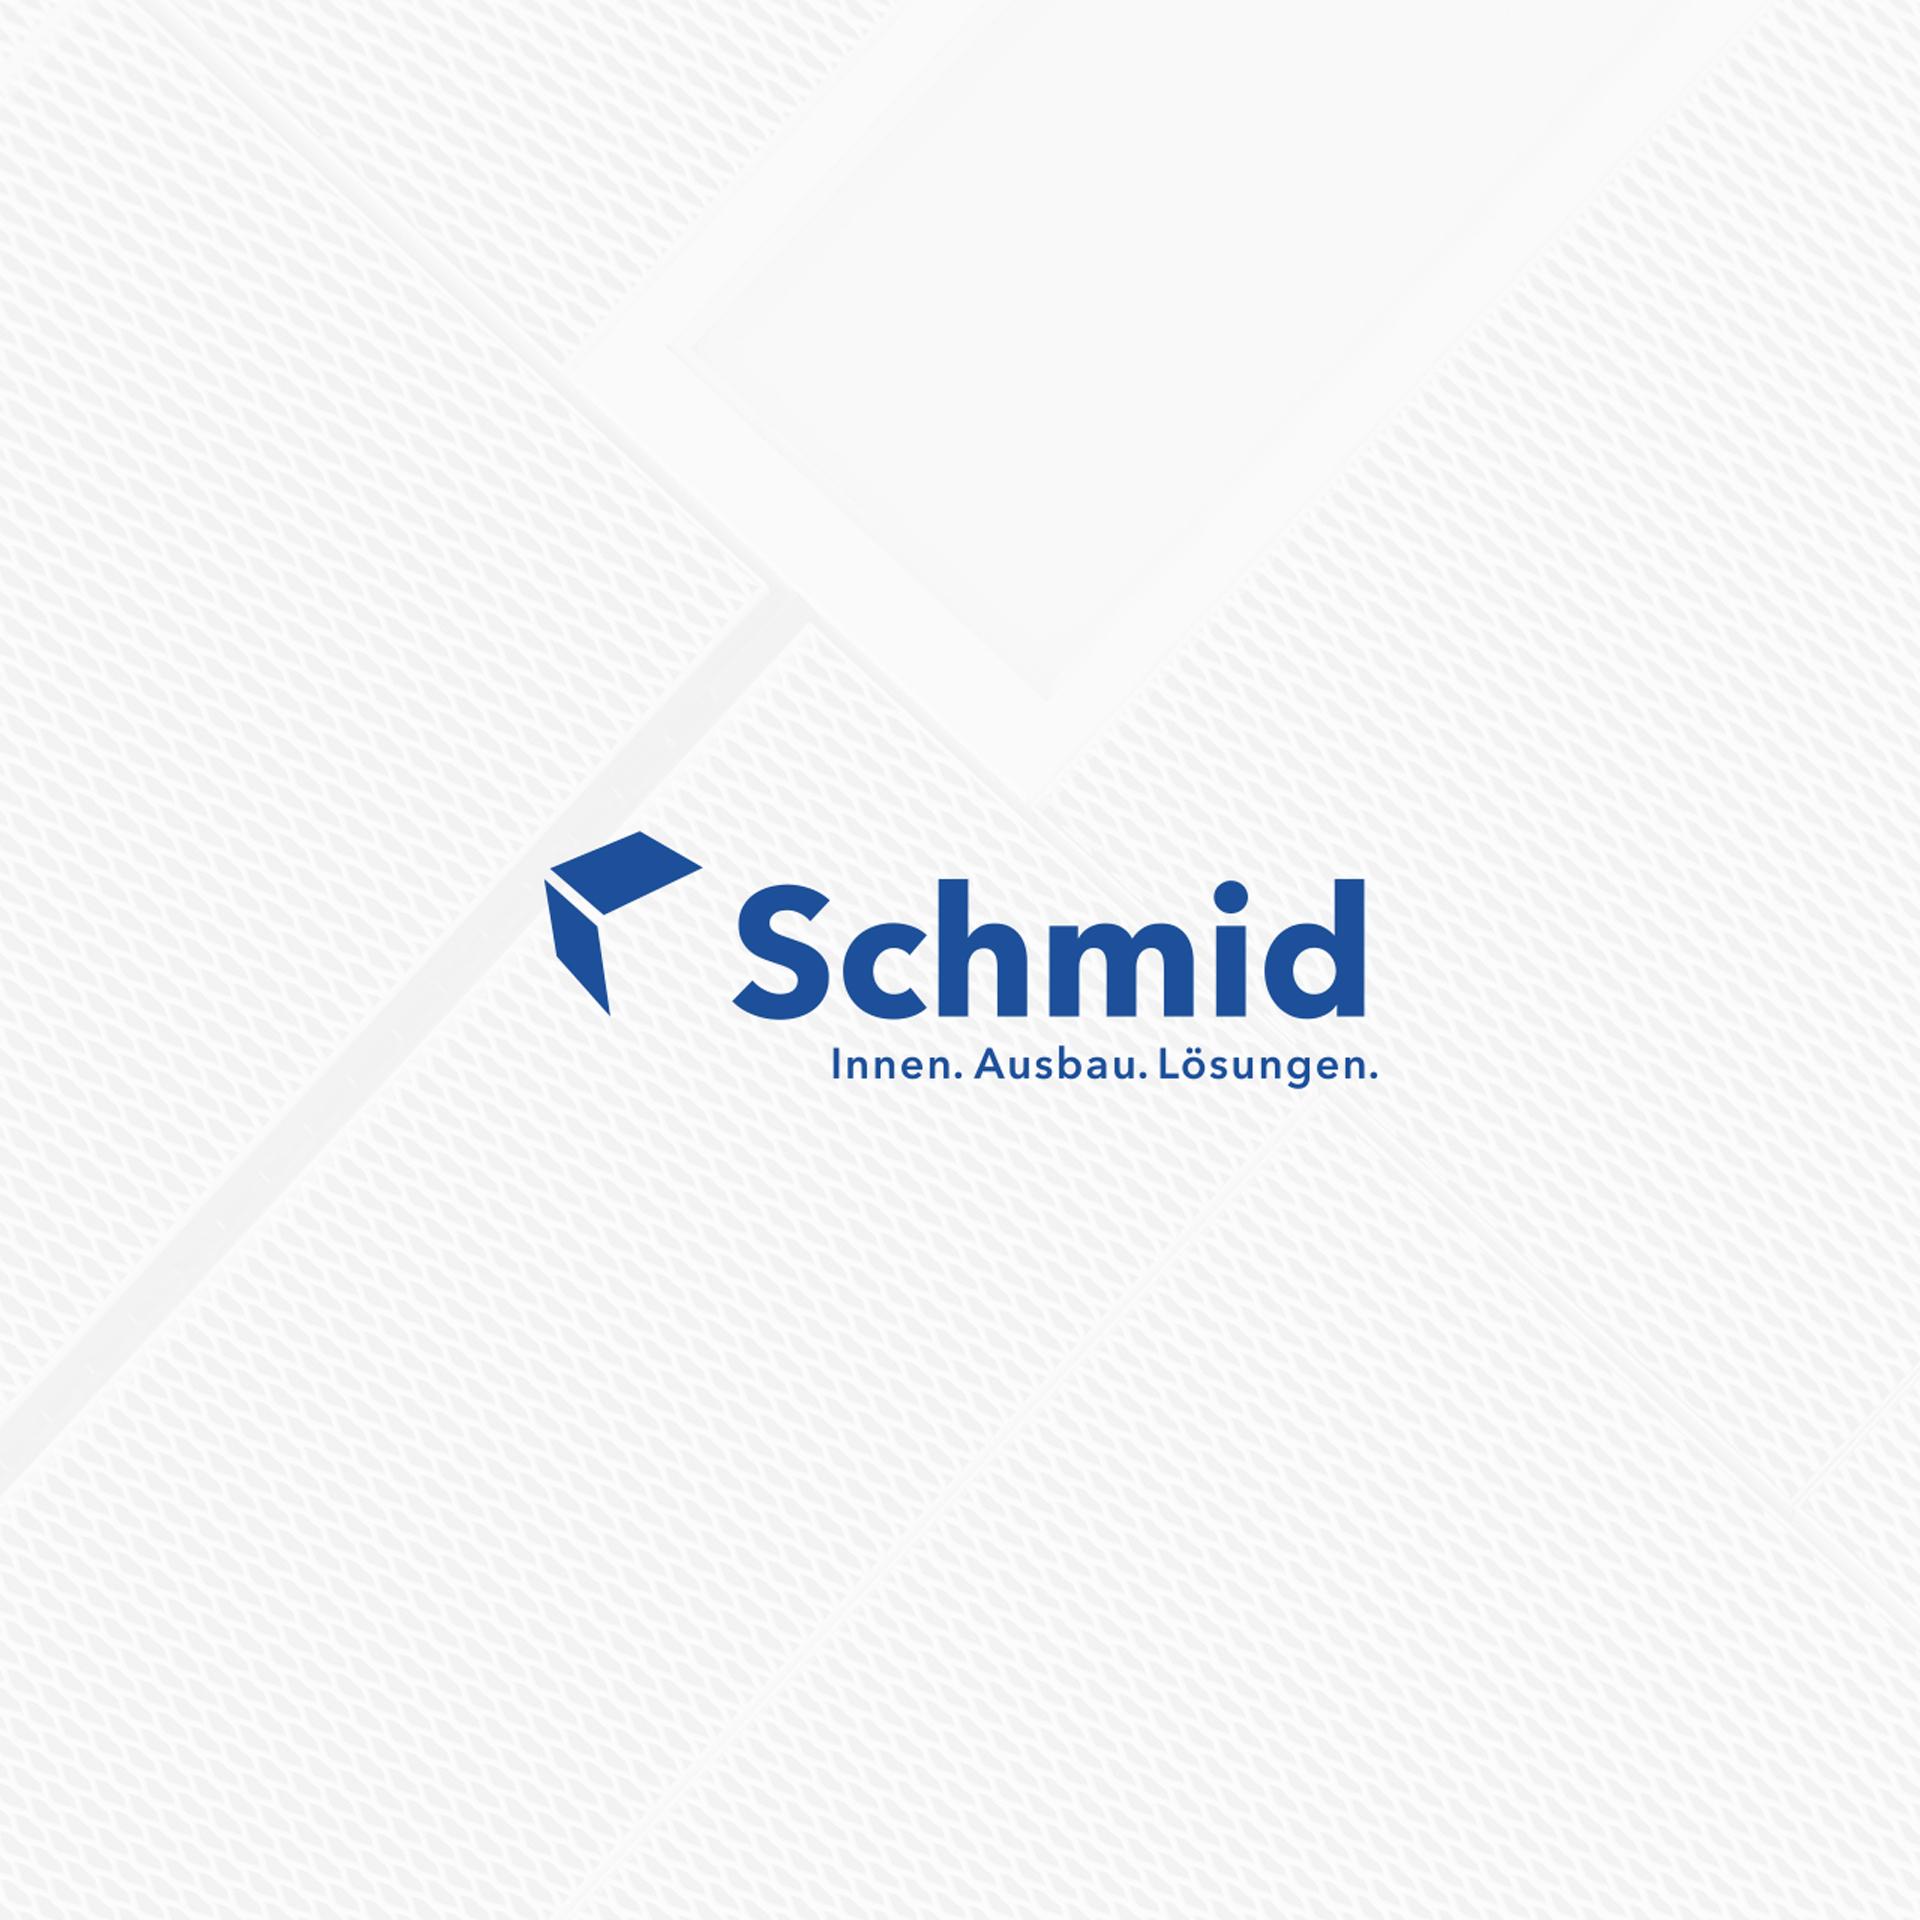 Referenz Schmid